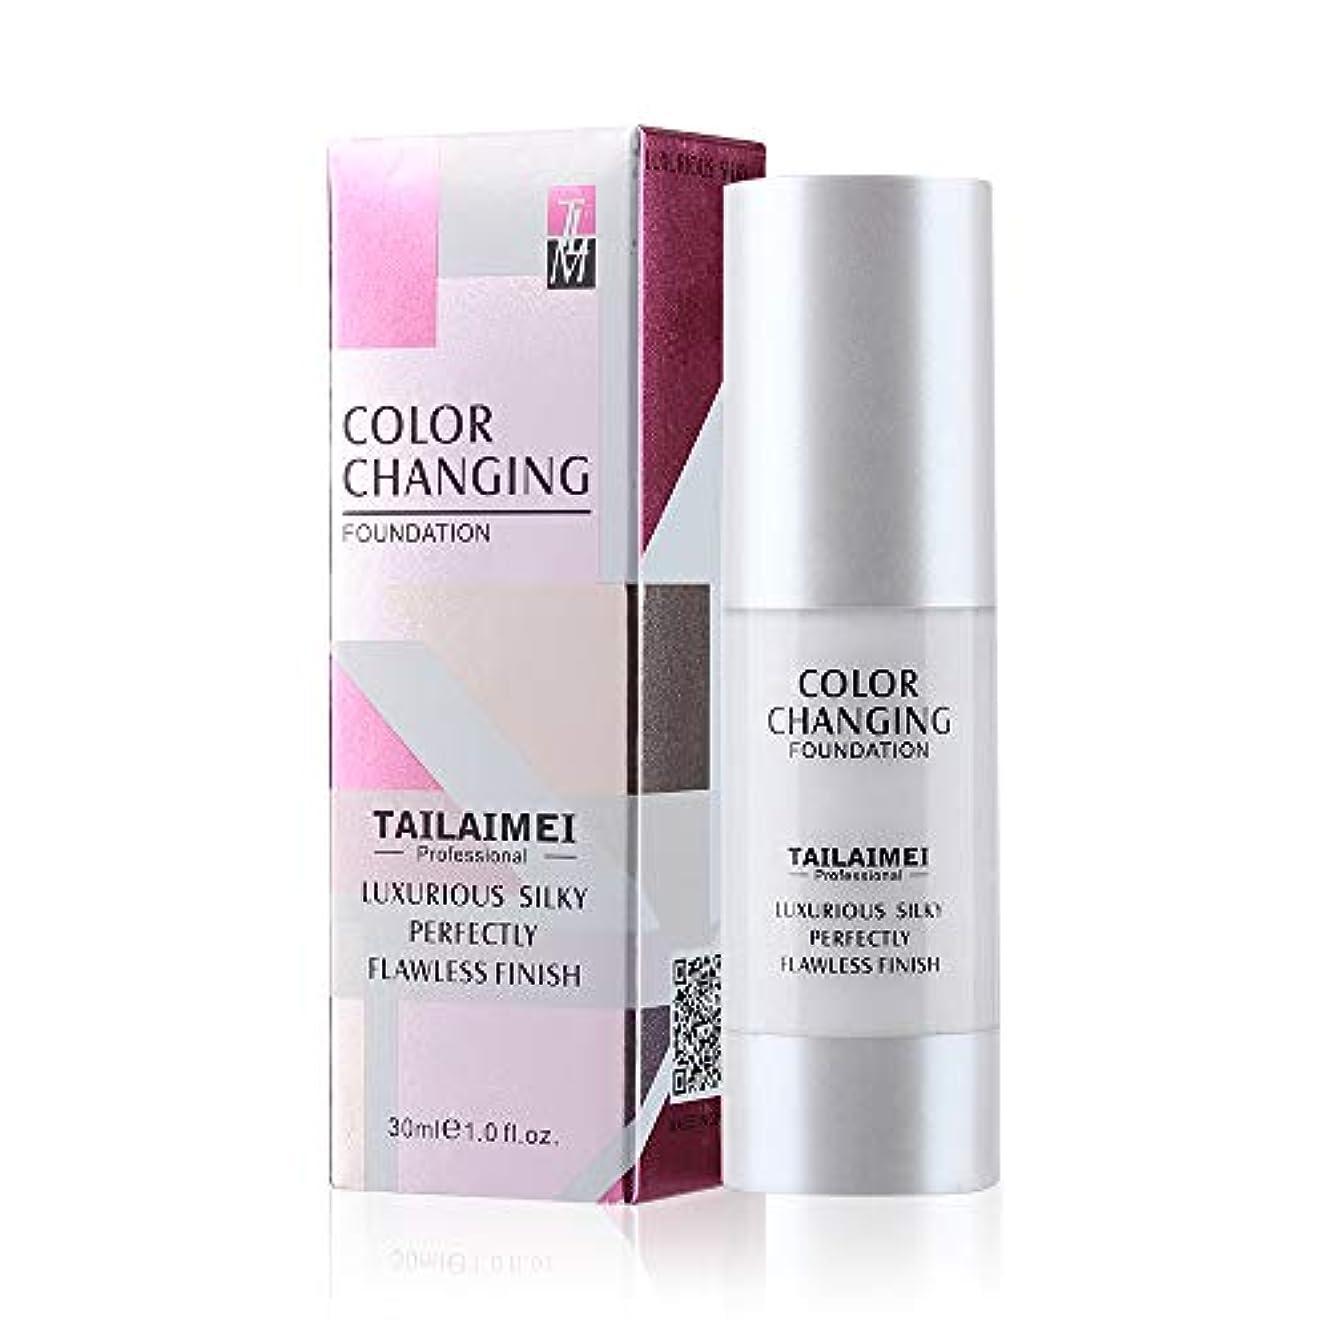 一節プランター奇跡ちょうど混合することによってあなたの肌のトーンにリキッドファンデーションの化粧変更を変更する30ml TLMの完璧な色